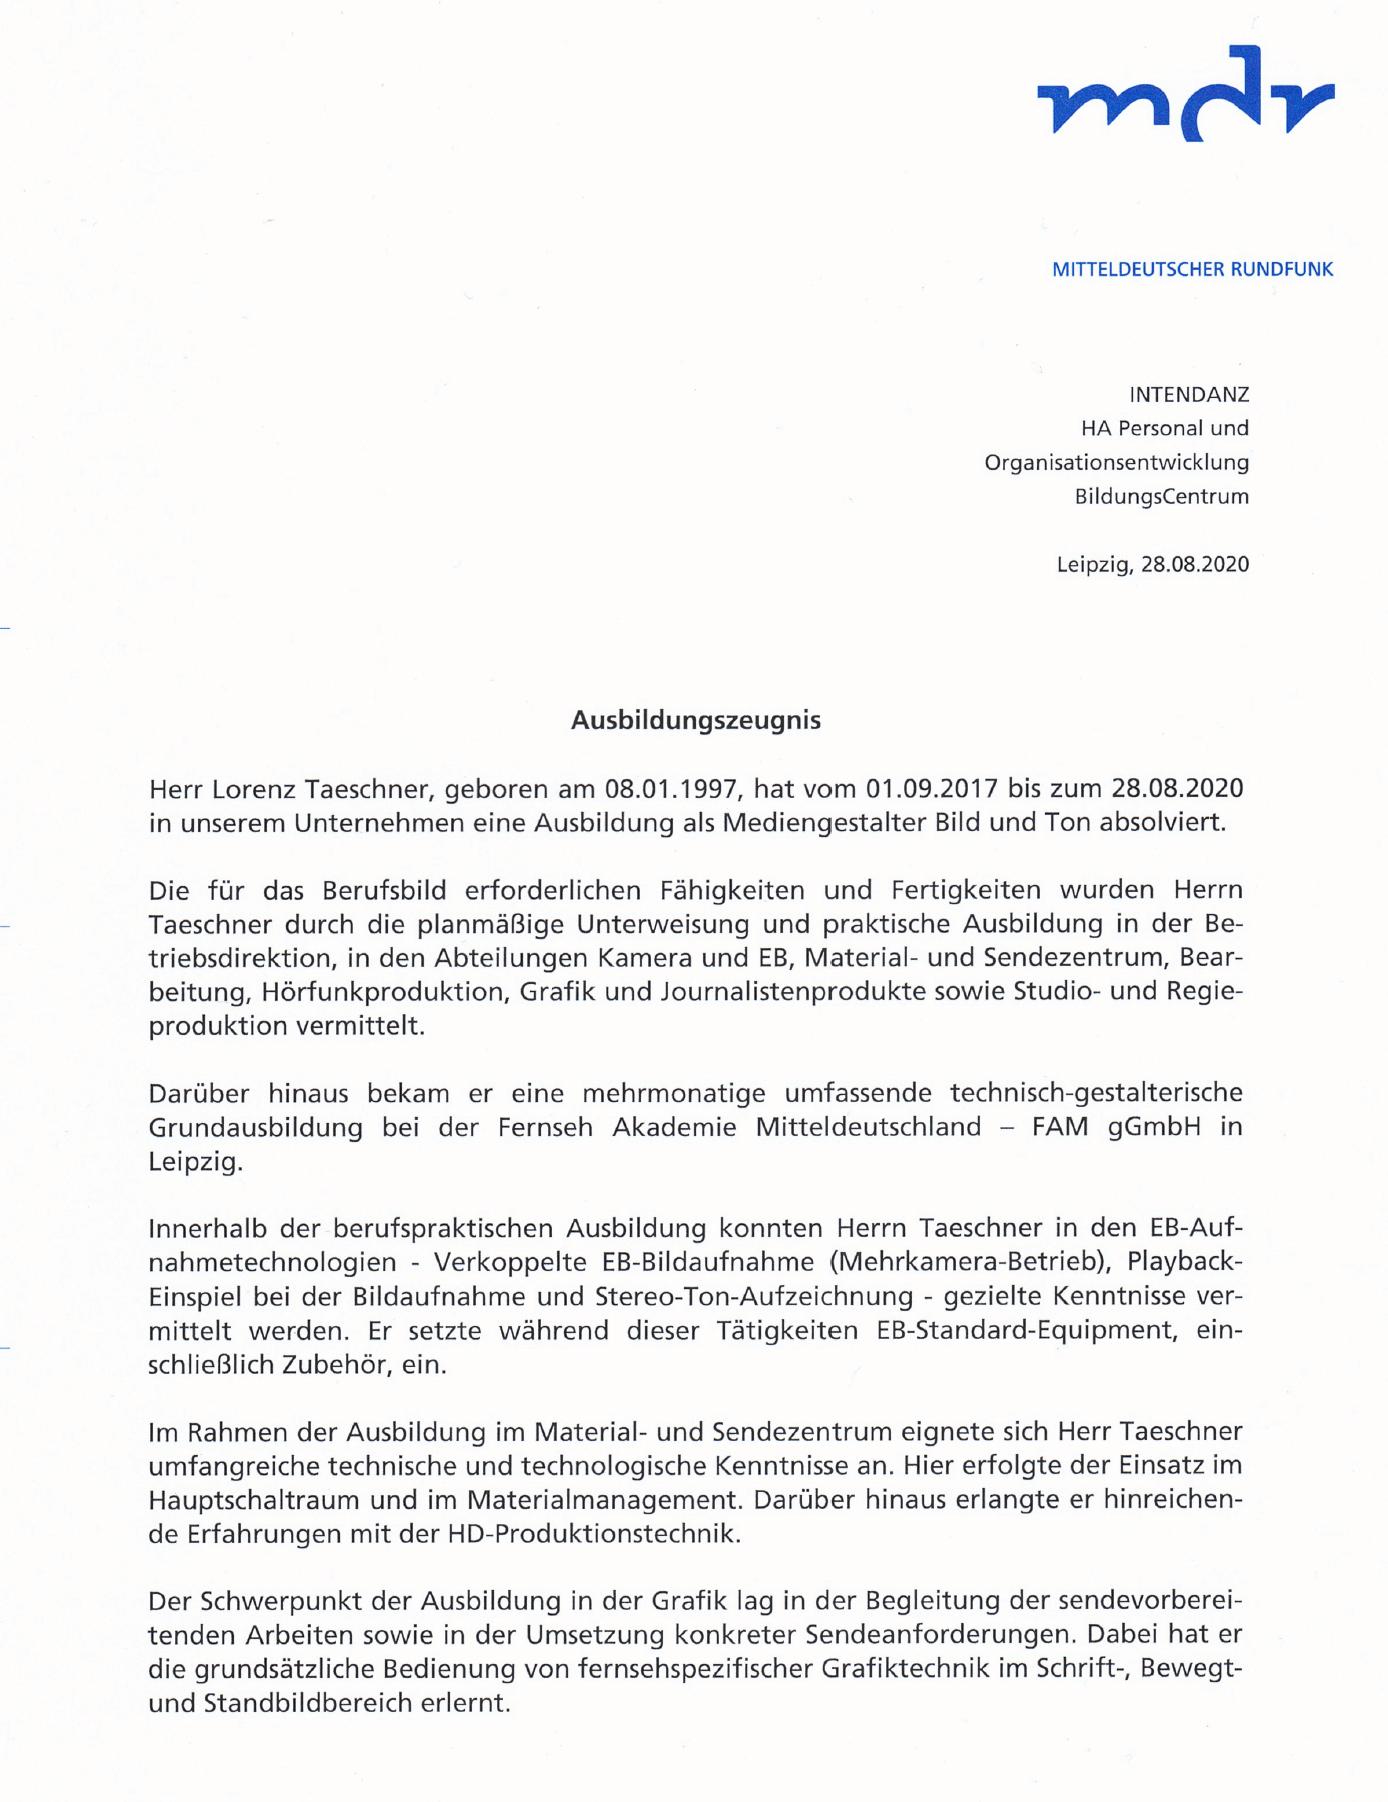 MDR-Letter-of-Recommendation-Lorenz-Taeschner